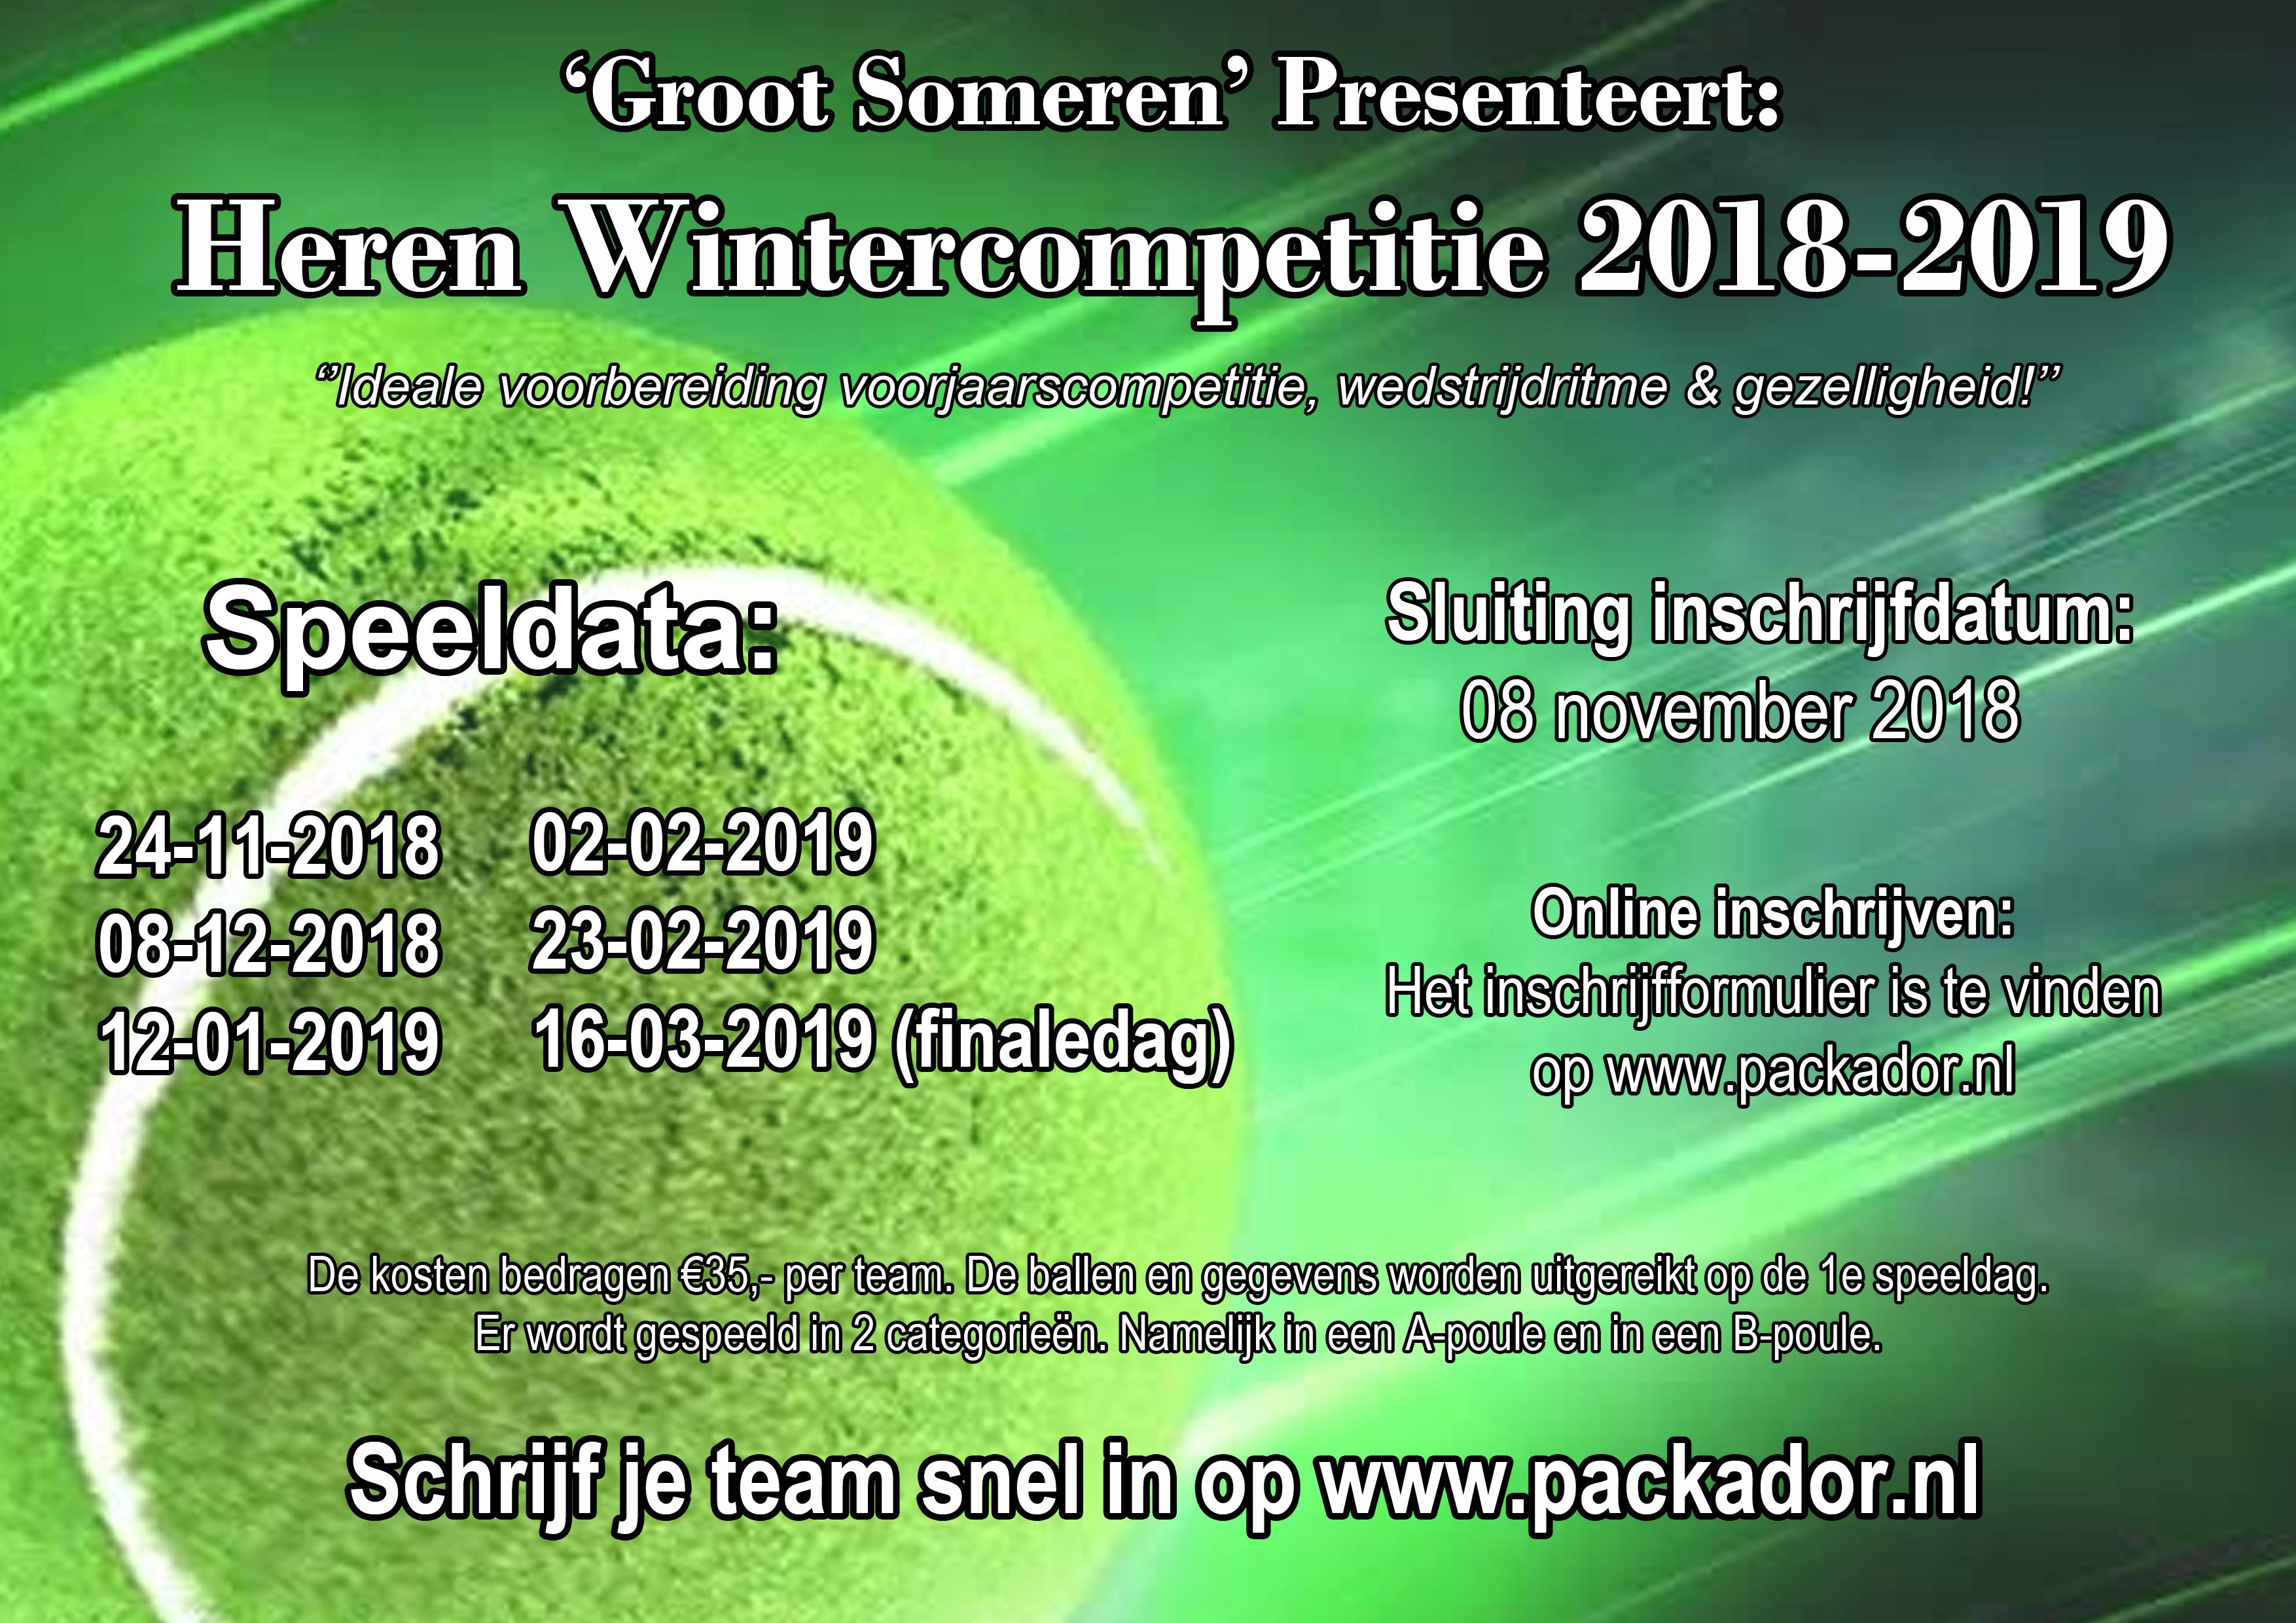 Herenwintercompetitie Groot Someren 2018 -2019